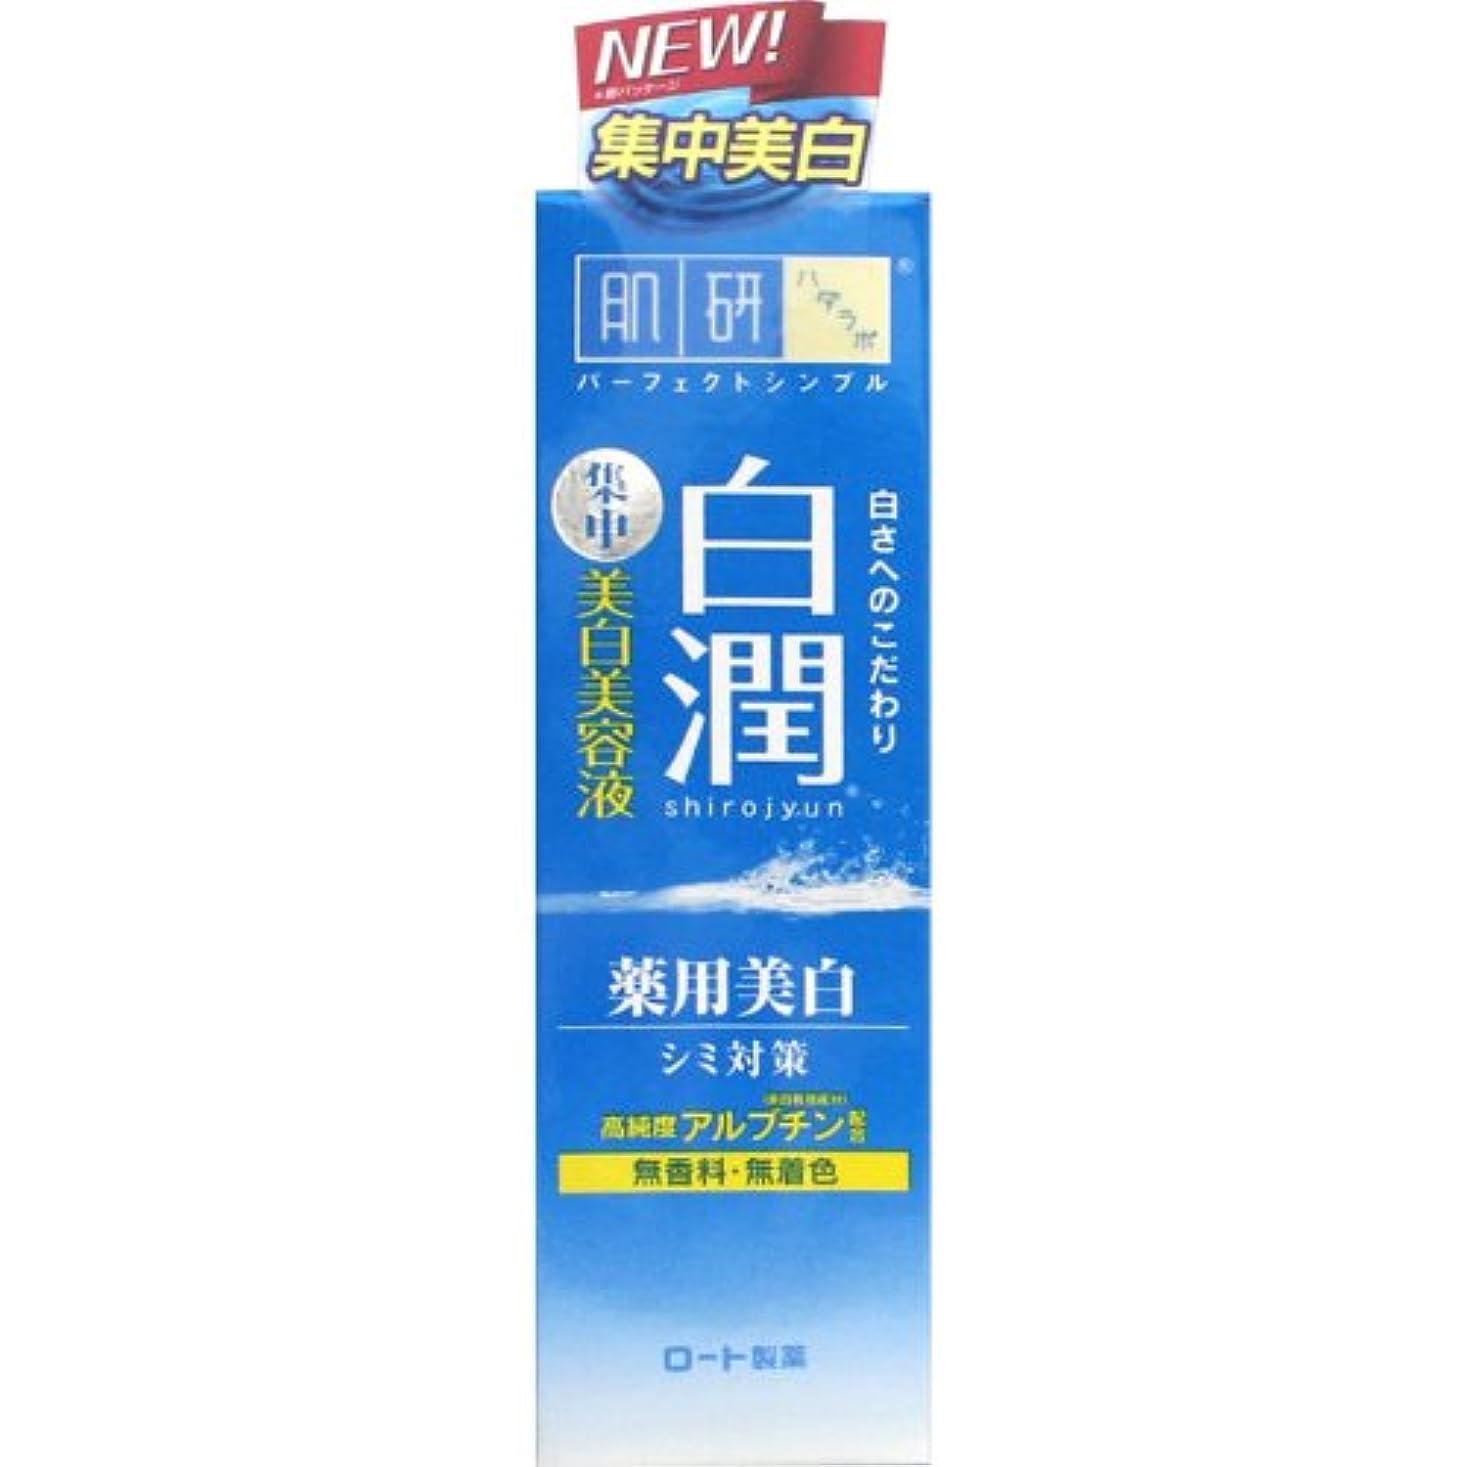 自転車人里離れた建物【医薬部外品】肌研(ハダラボ) 白潤 薬用美白美容液 30g